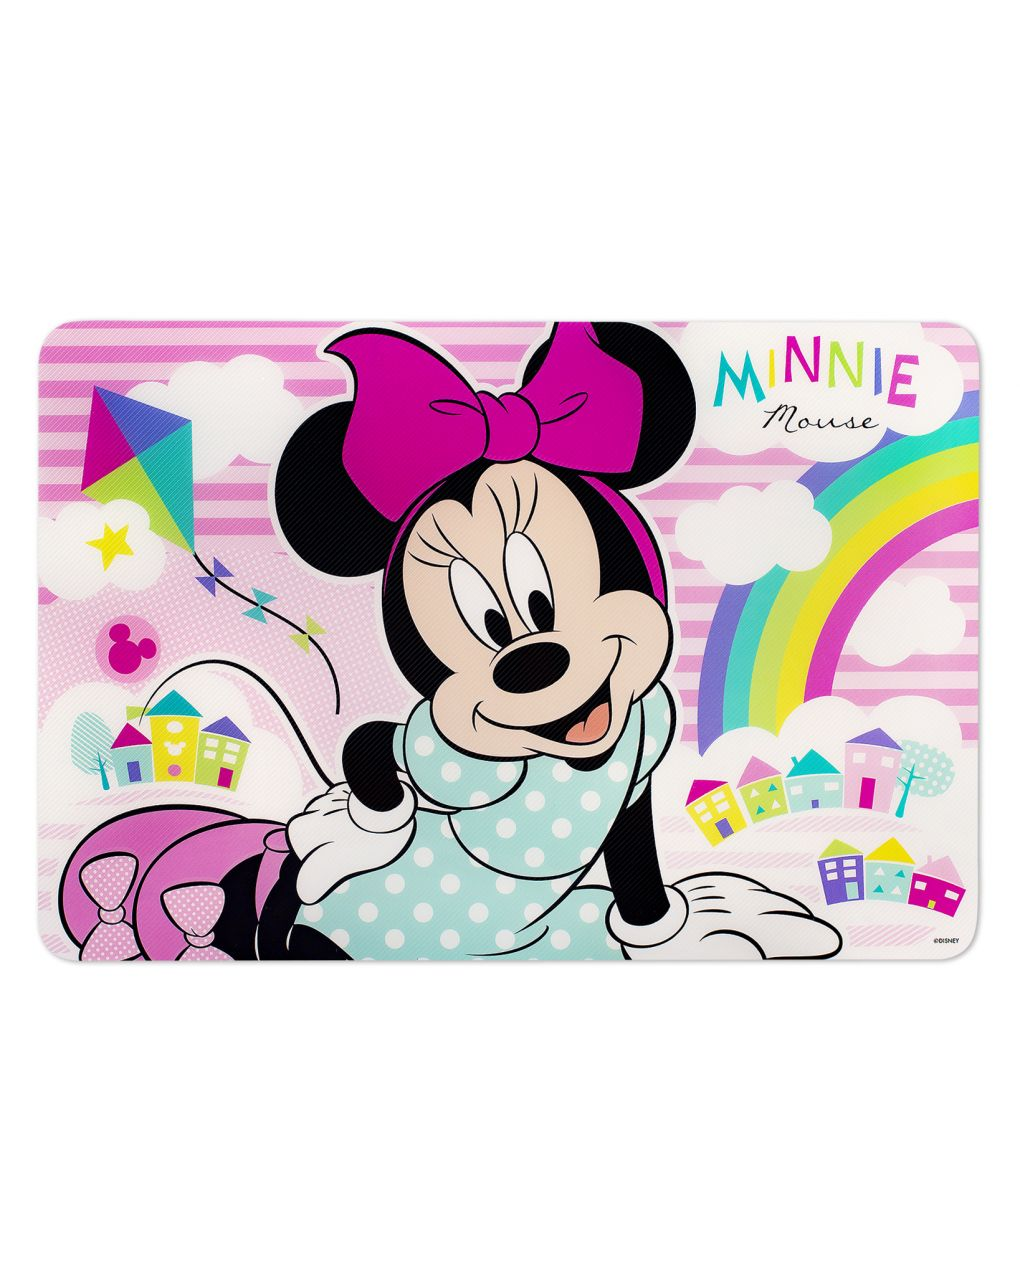 Tovaglietta pp  minniesimply - Lulabi Disney, Lullabi